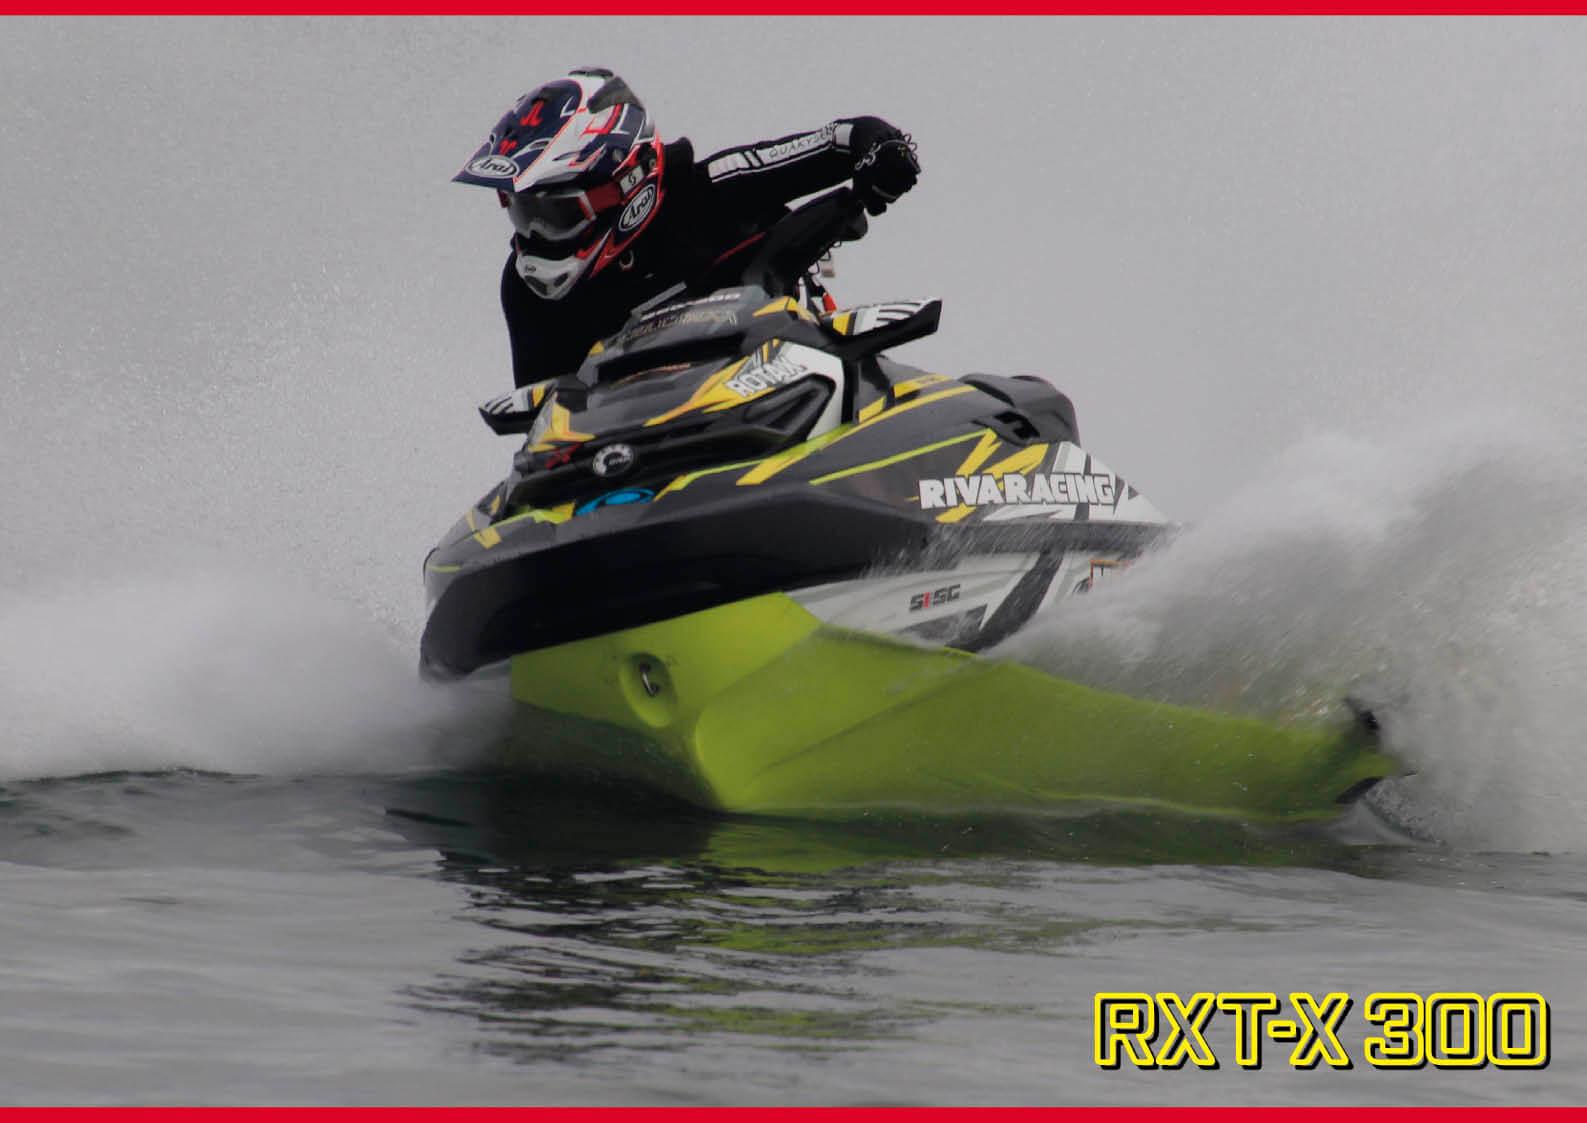 一般のジェットユーザーのためにカスタムした「シードゥ RXT-X 300」 市販艇最速の全てを公開 ジェットスキー(水上バイク)